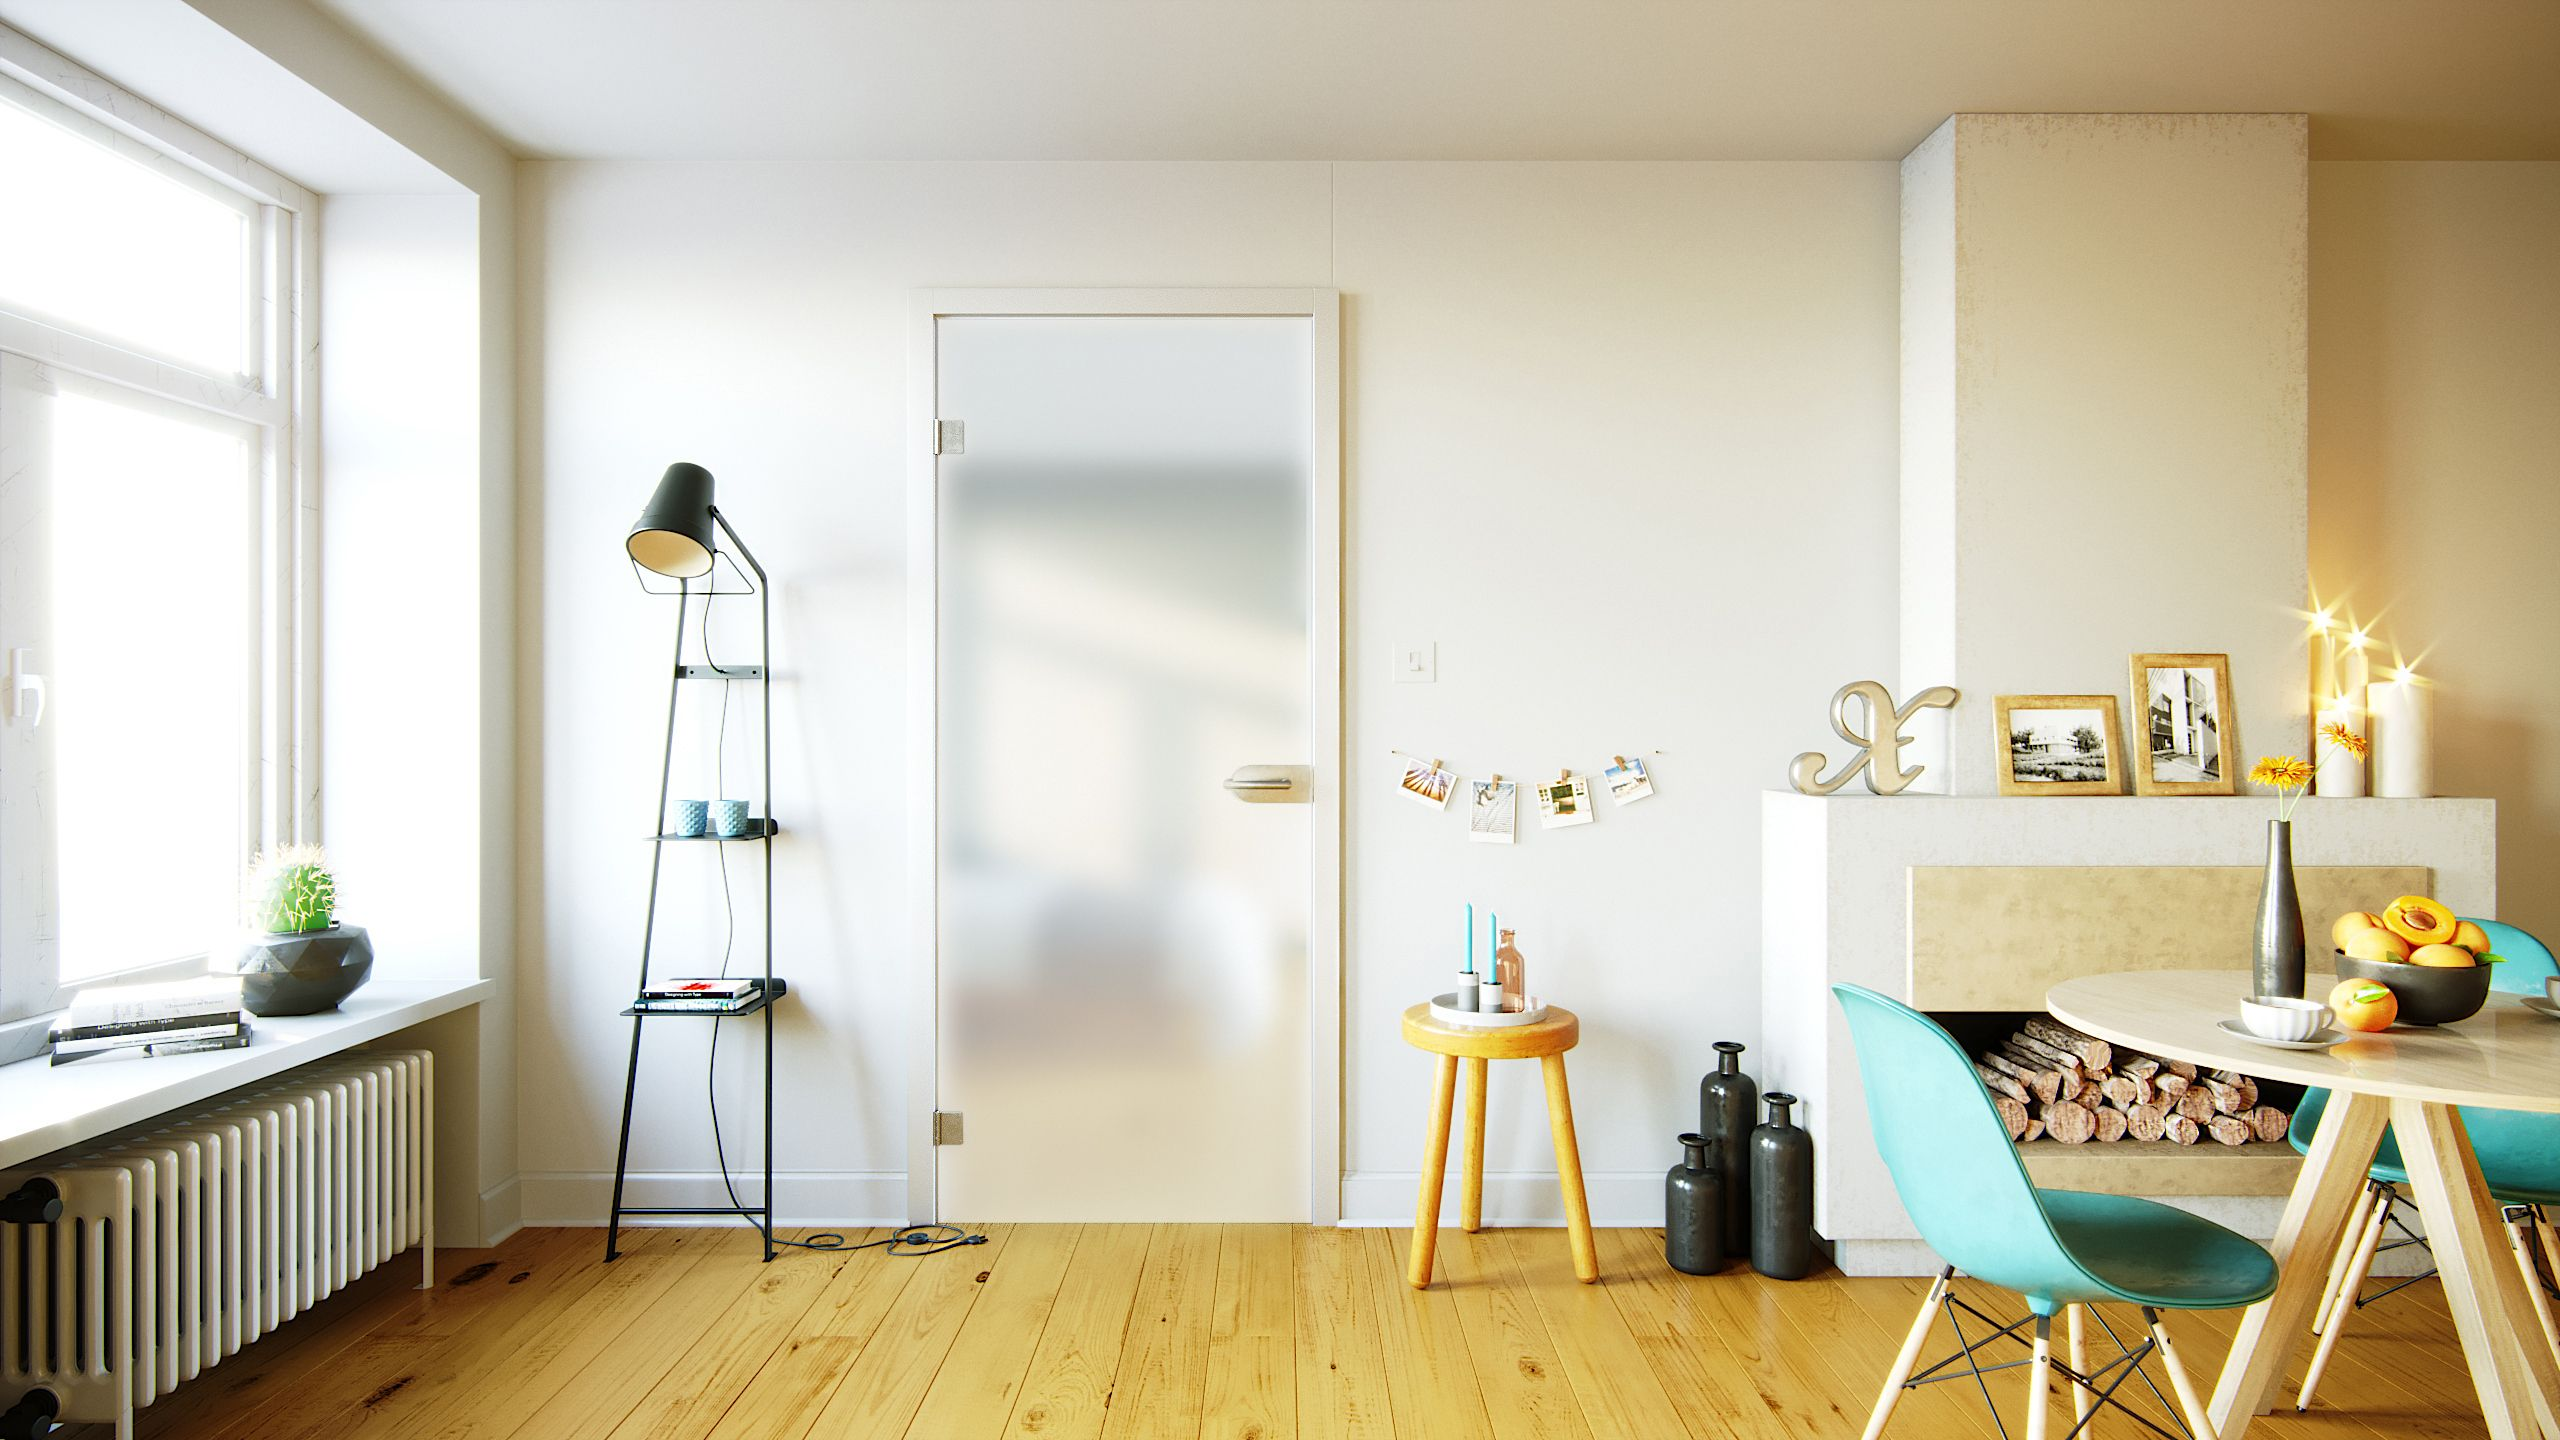 Glazen Deur Prijs : Creëer licht☀ en ruimte🏠 met een glazen deur in je woonkamer